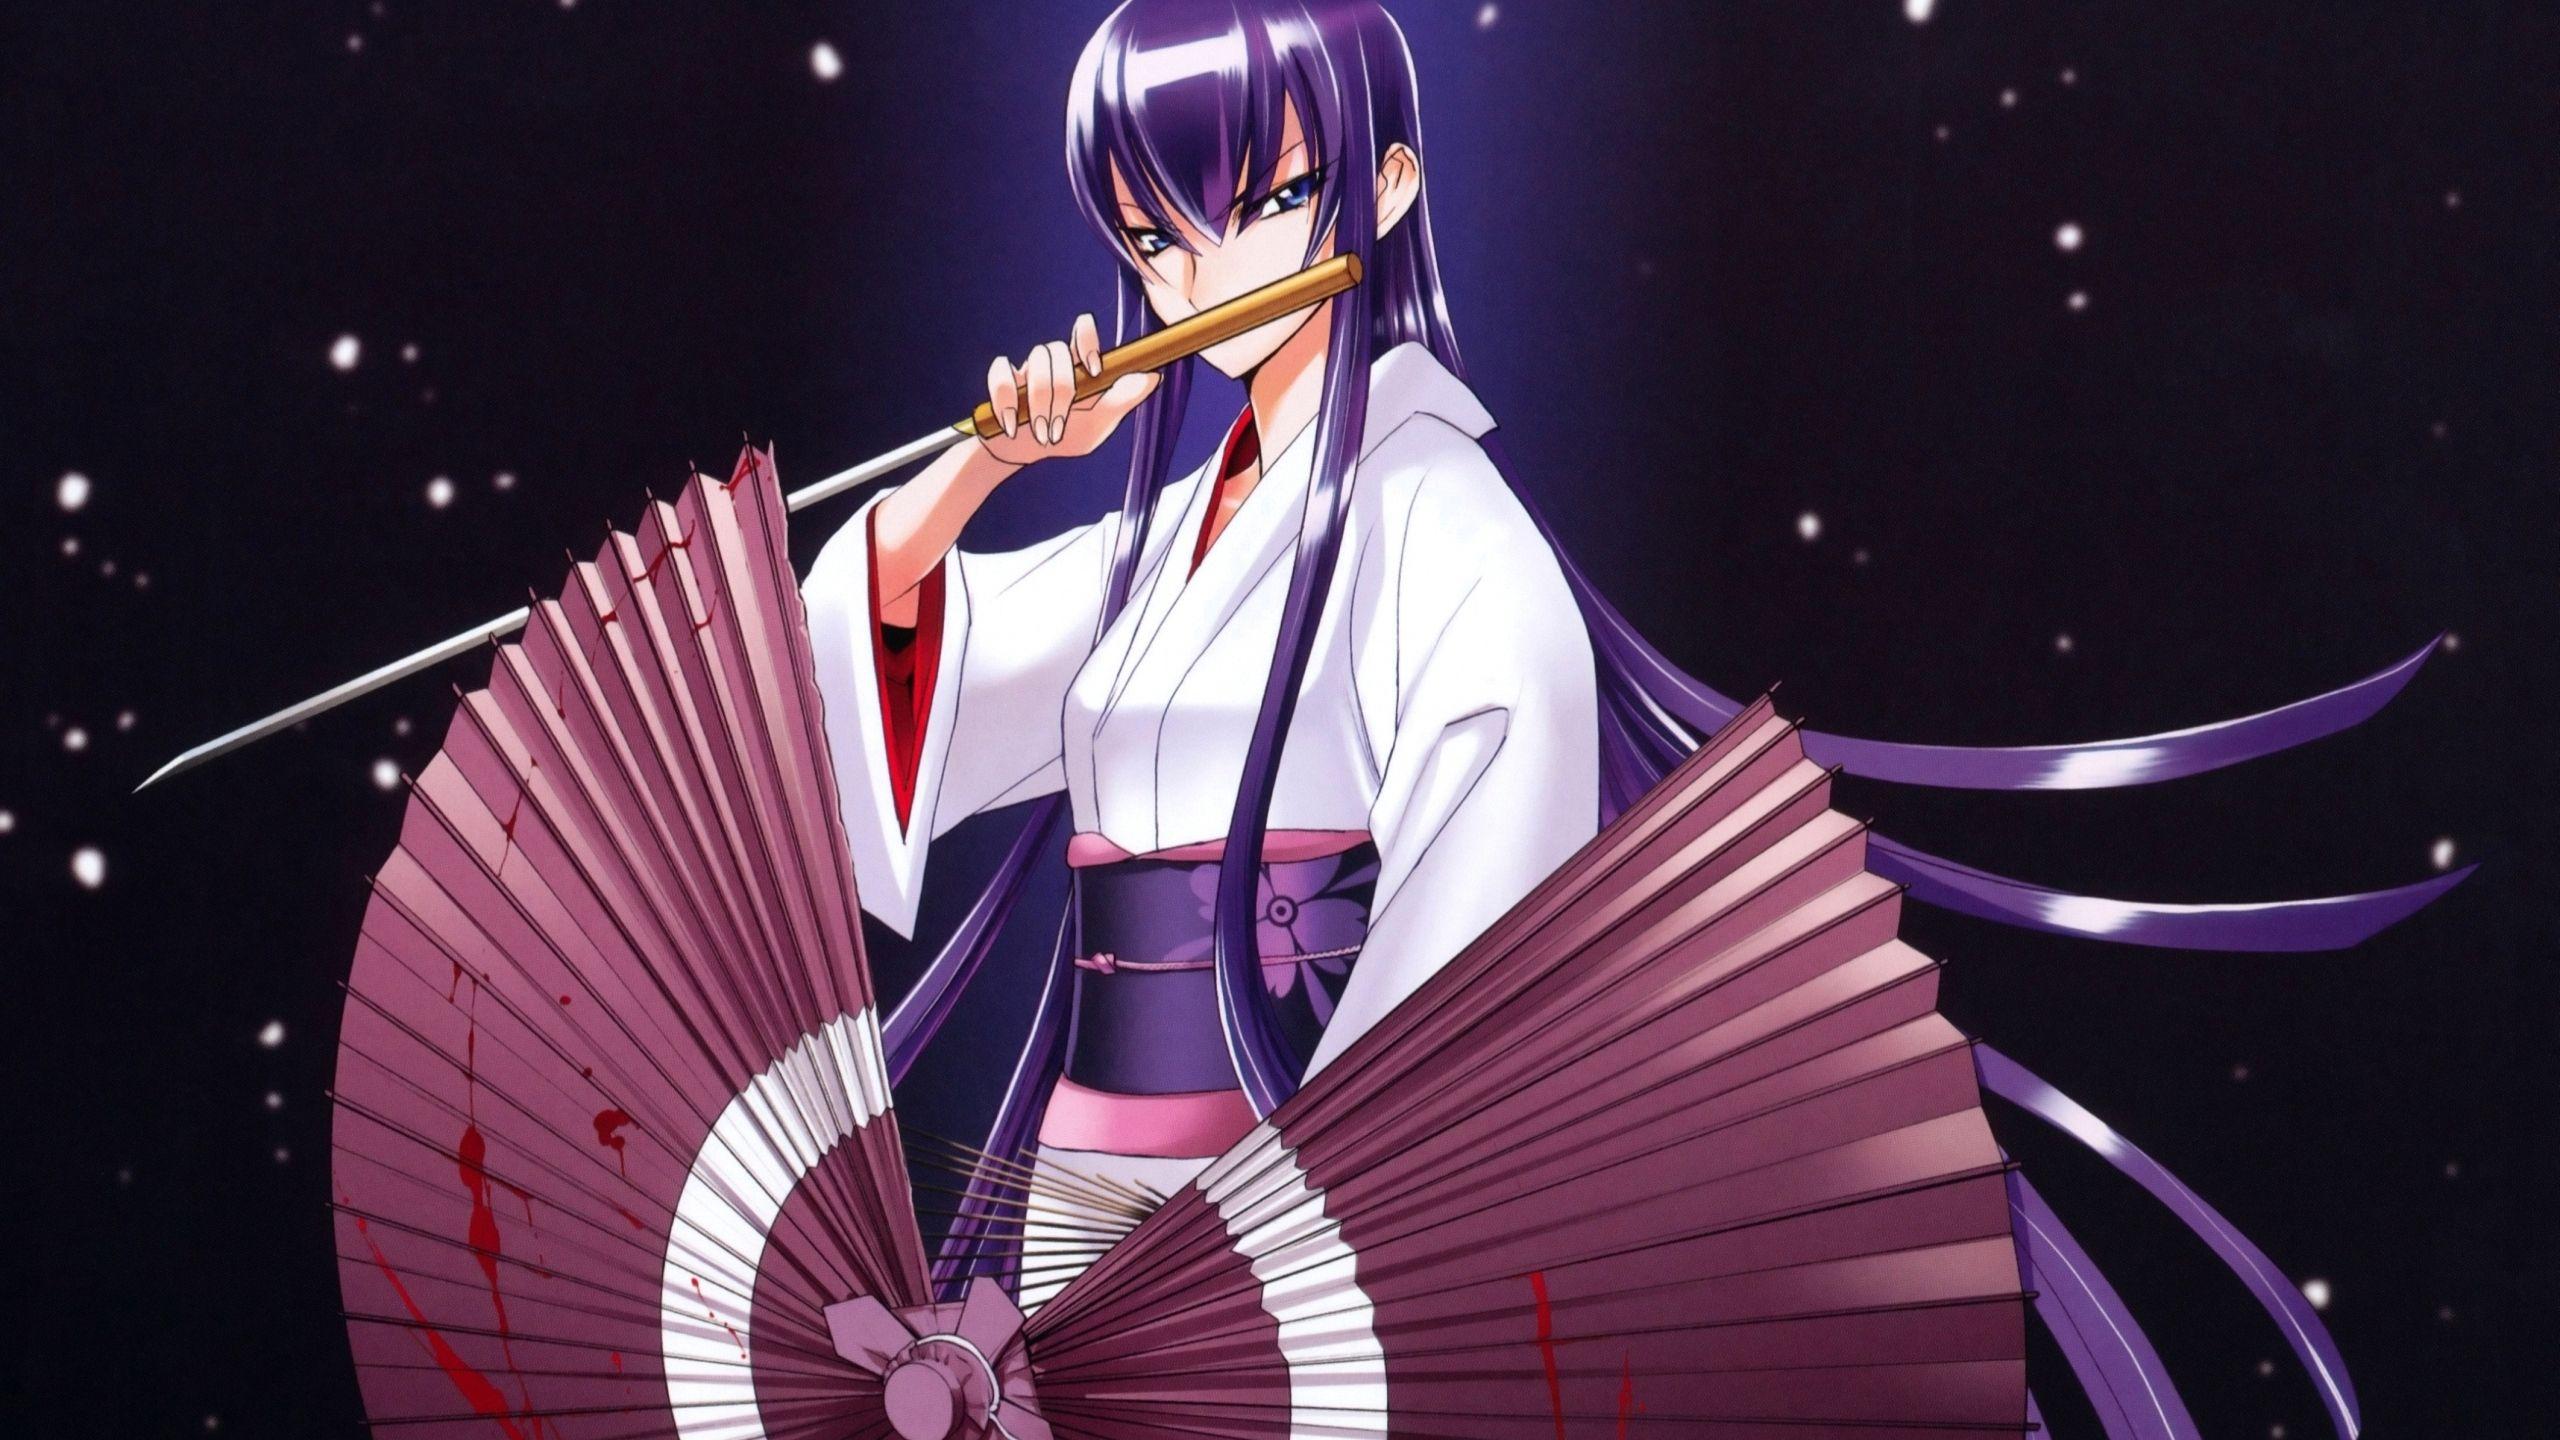 saeko busujima wallpaper